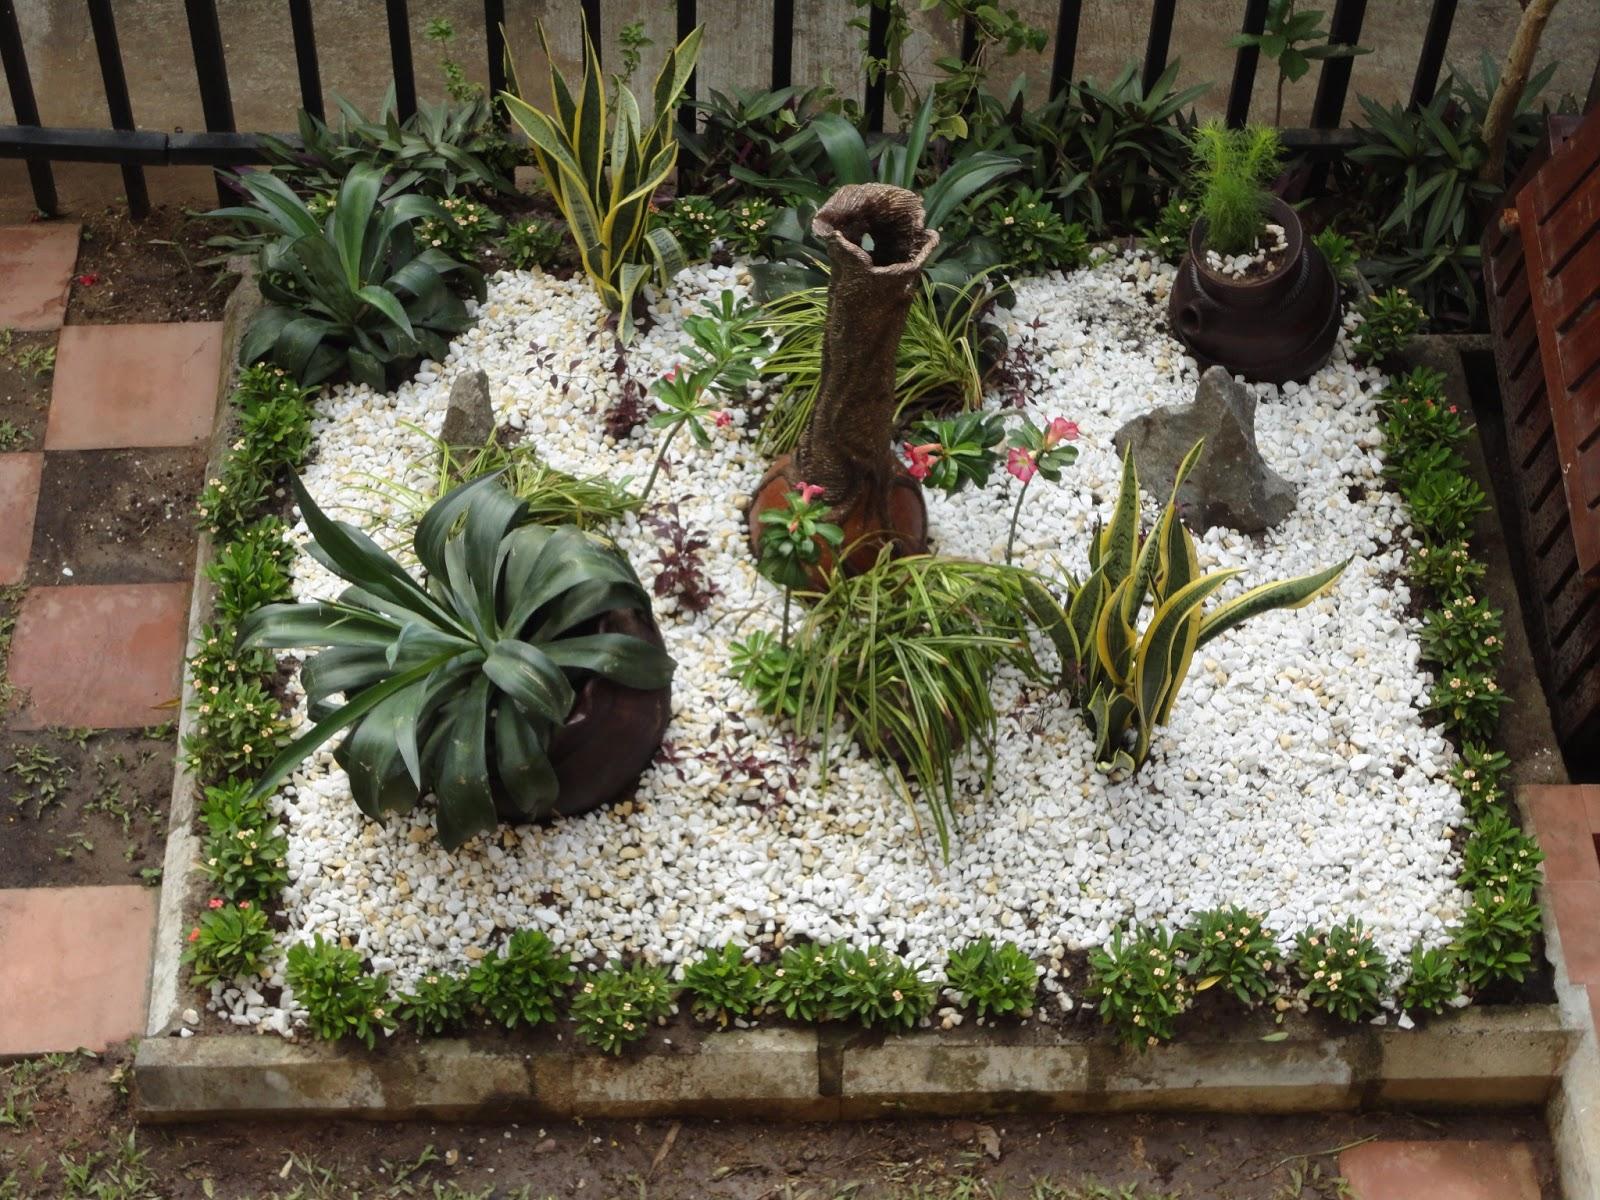 Flower pot rock garden - All |Rock Garden With Pots